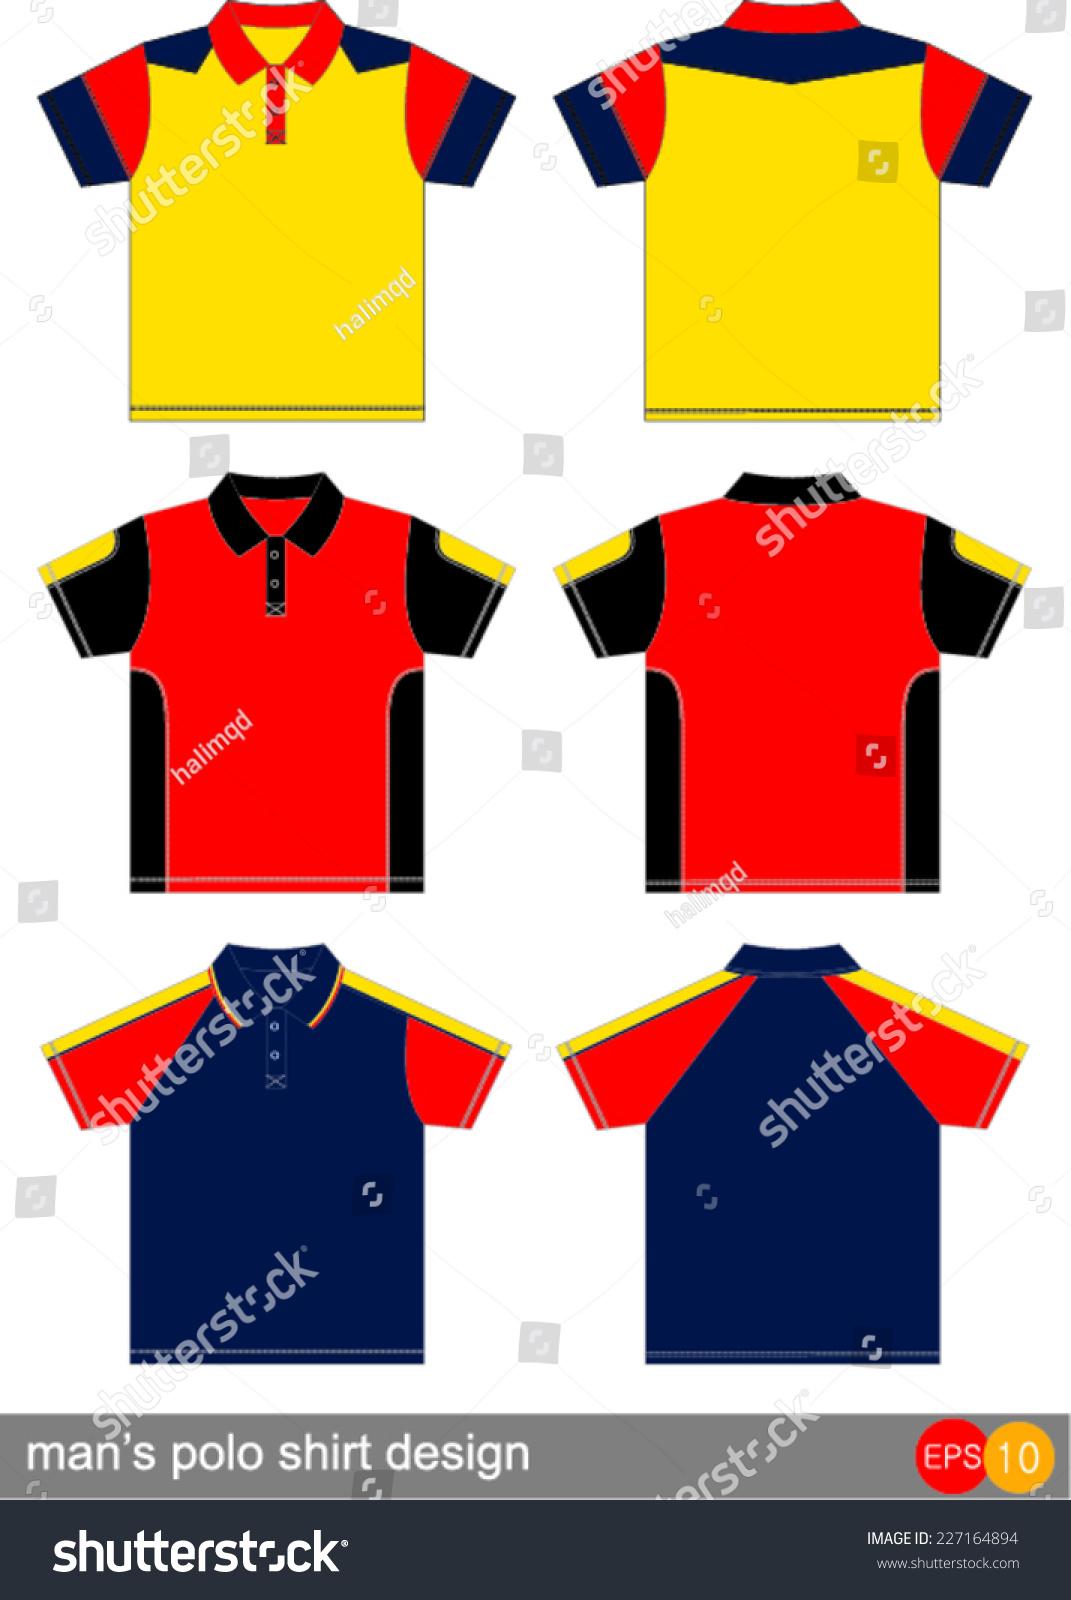 Polo shirt design vector - Man S Polo Shirt Design Vector Template